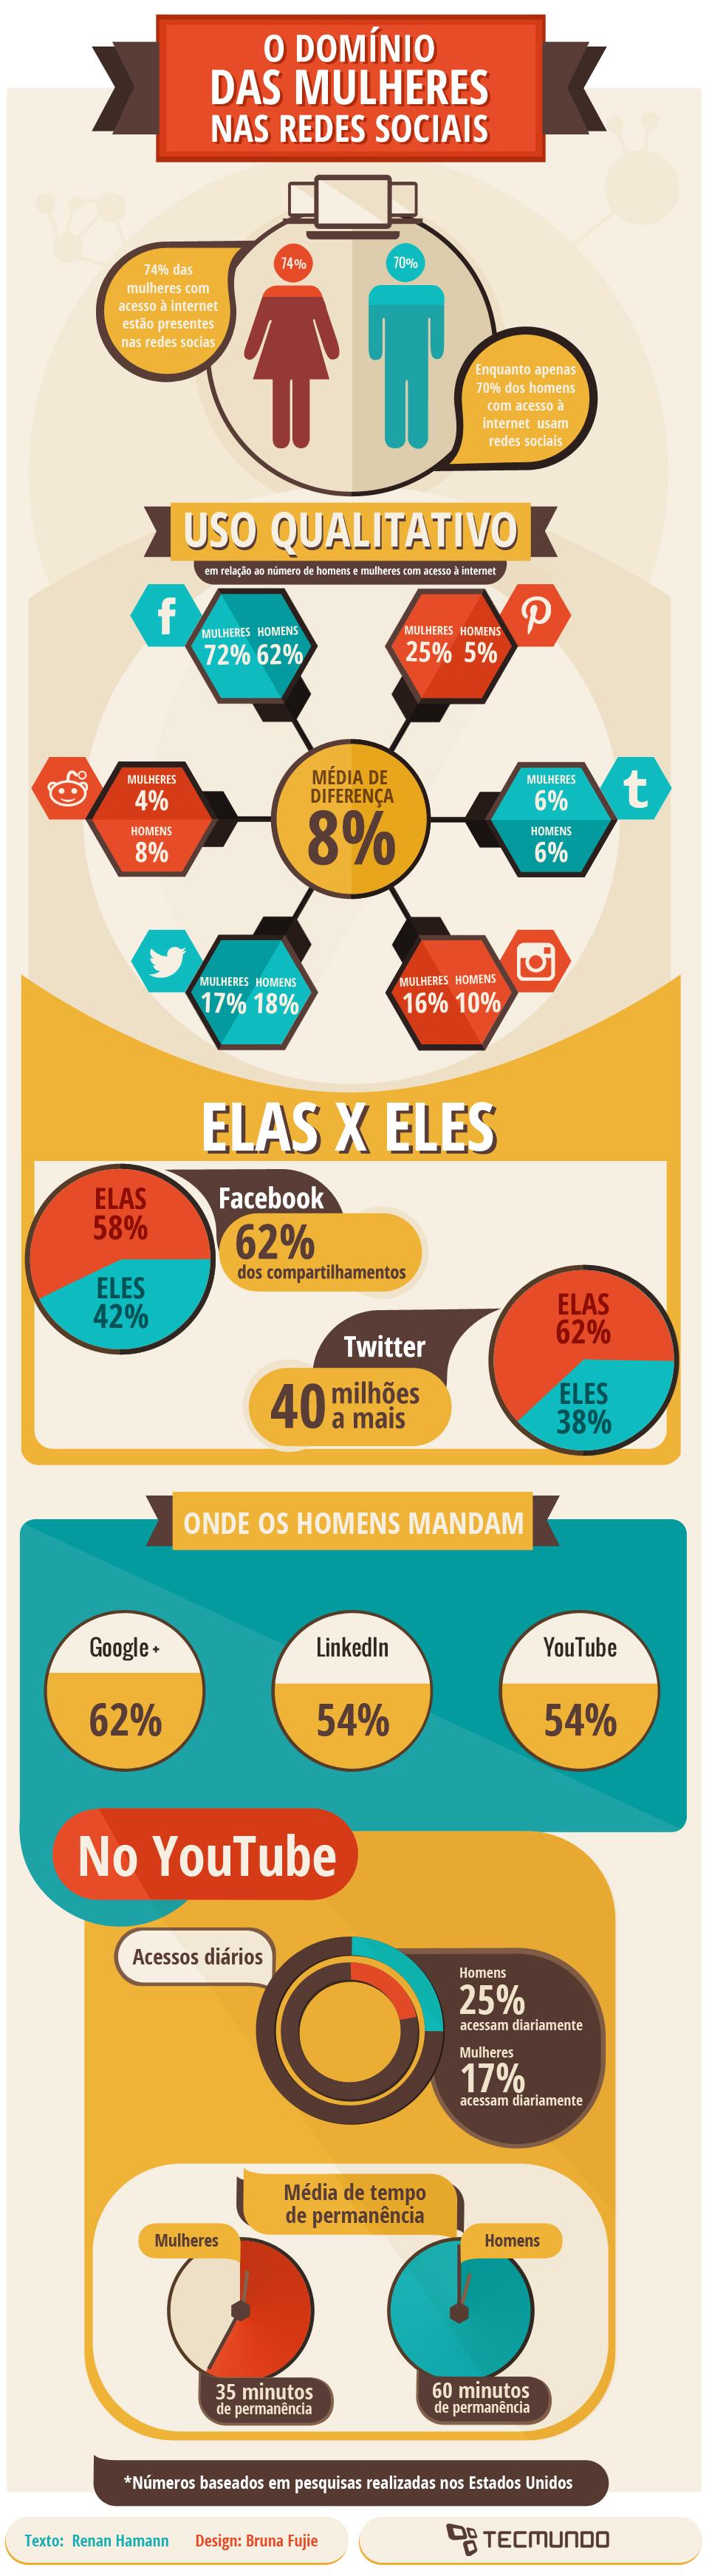 Em quais redes sociais há mais mulheres que homens? [infográfico]